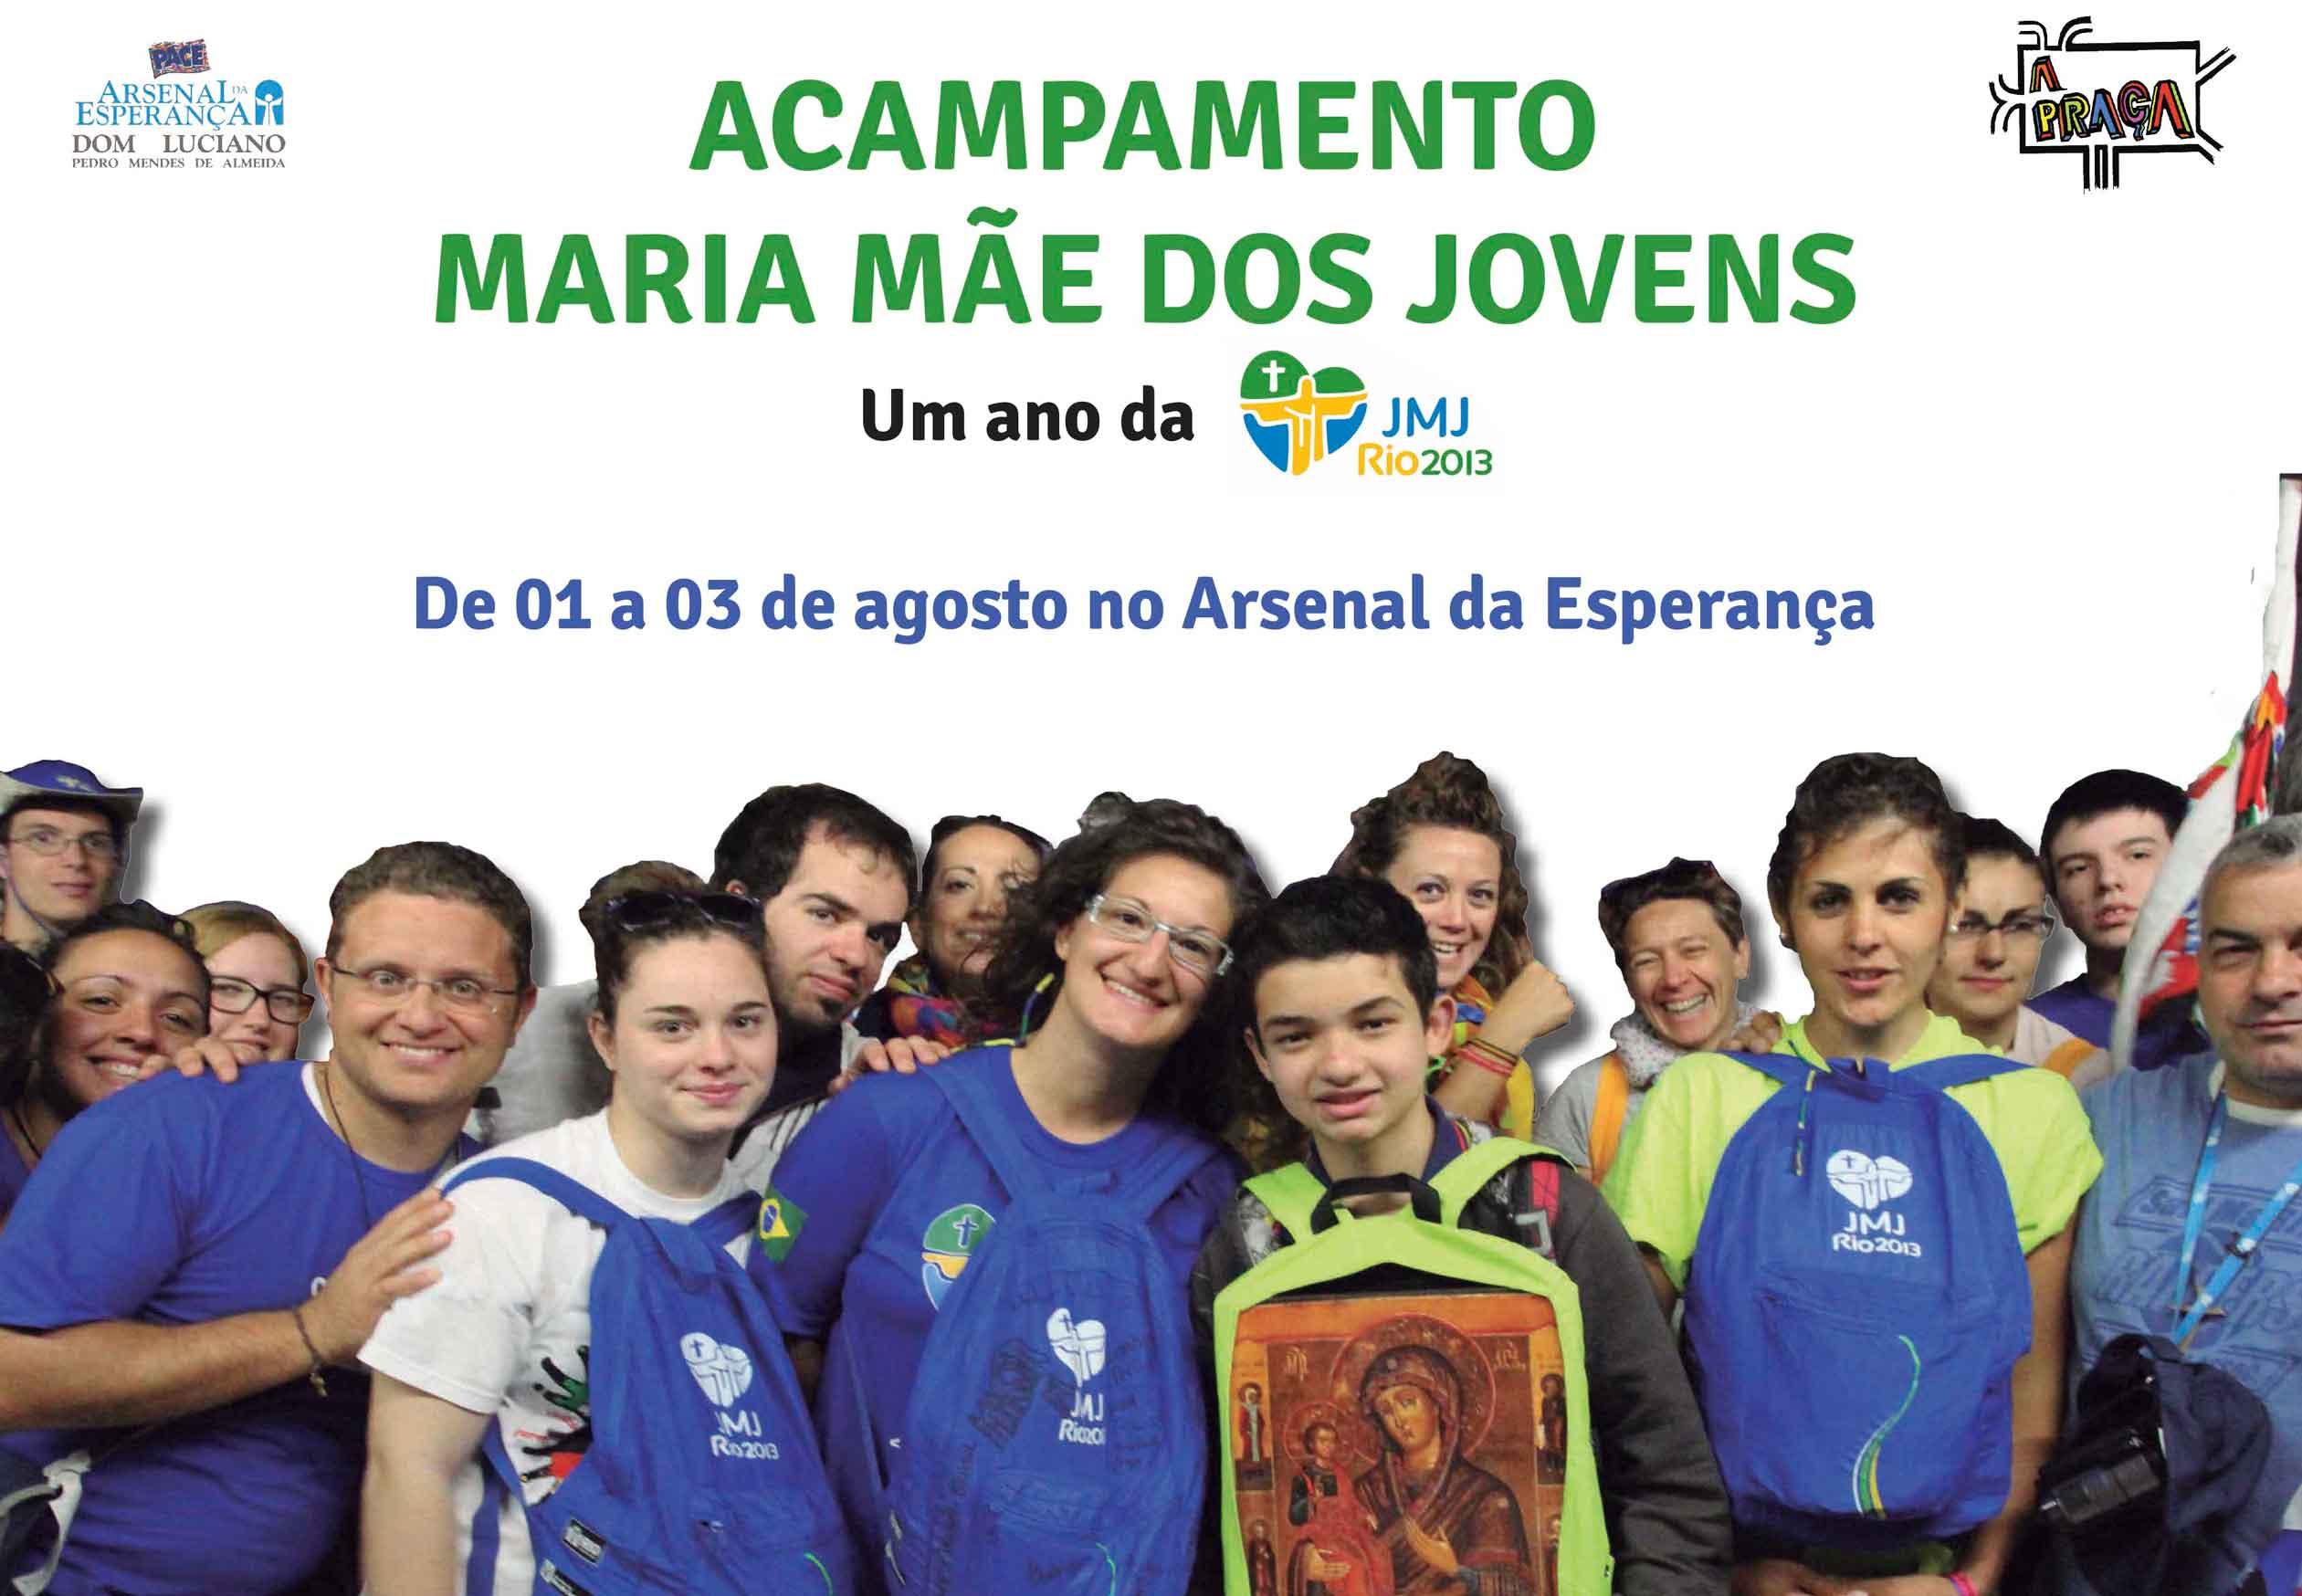 Acampamento em São Paulo vai marcar 1 ano da JMJRio2013